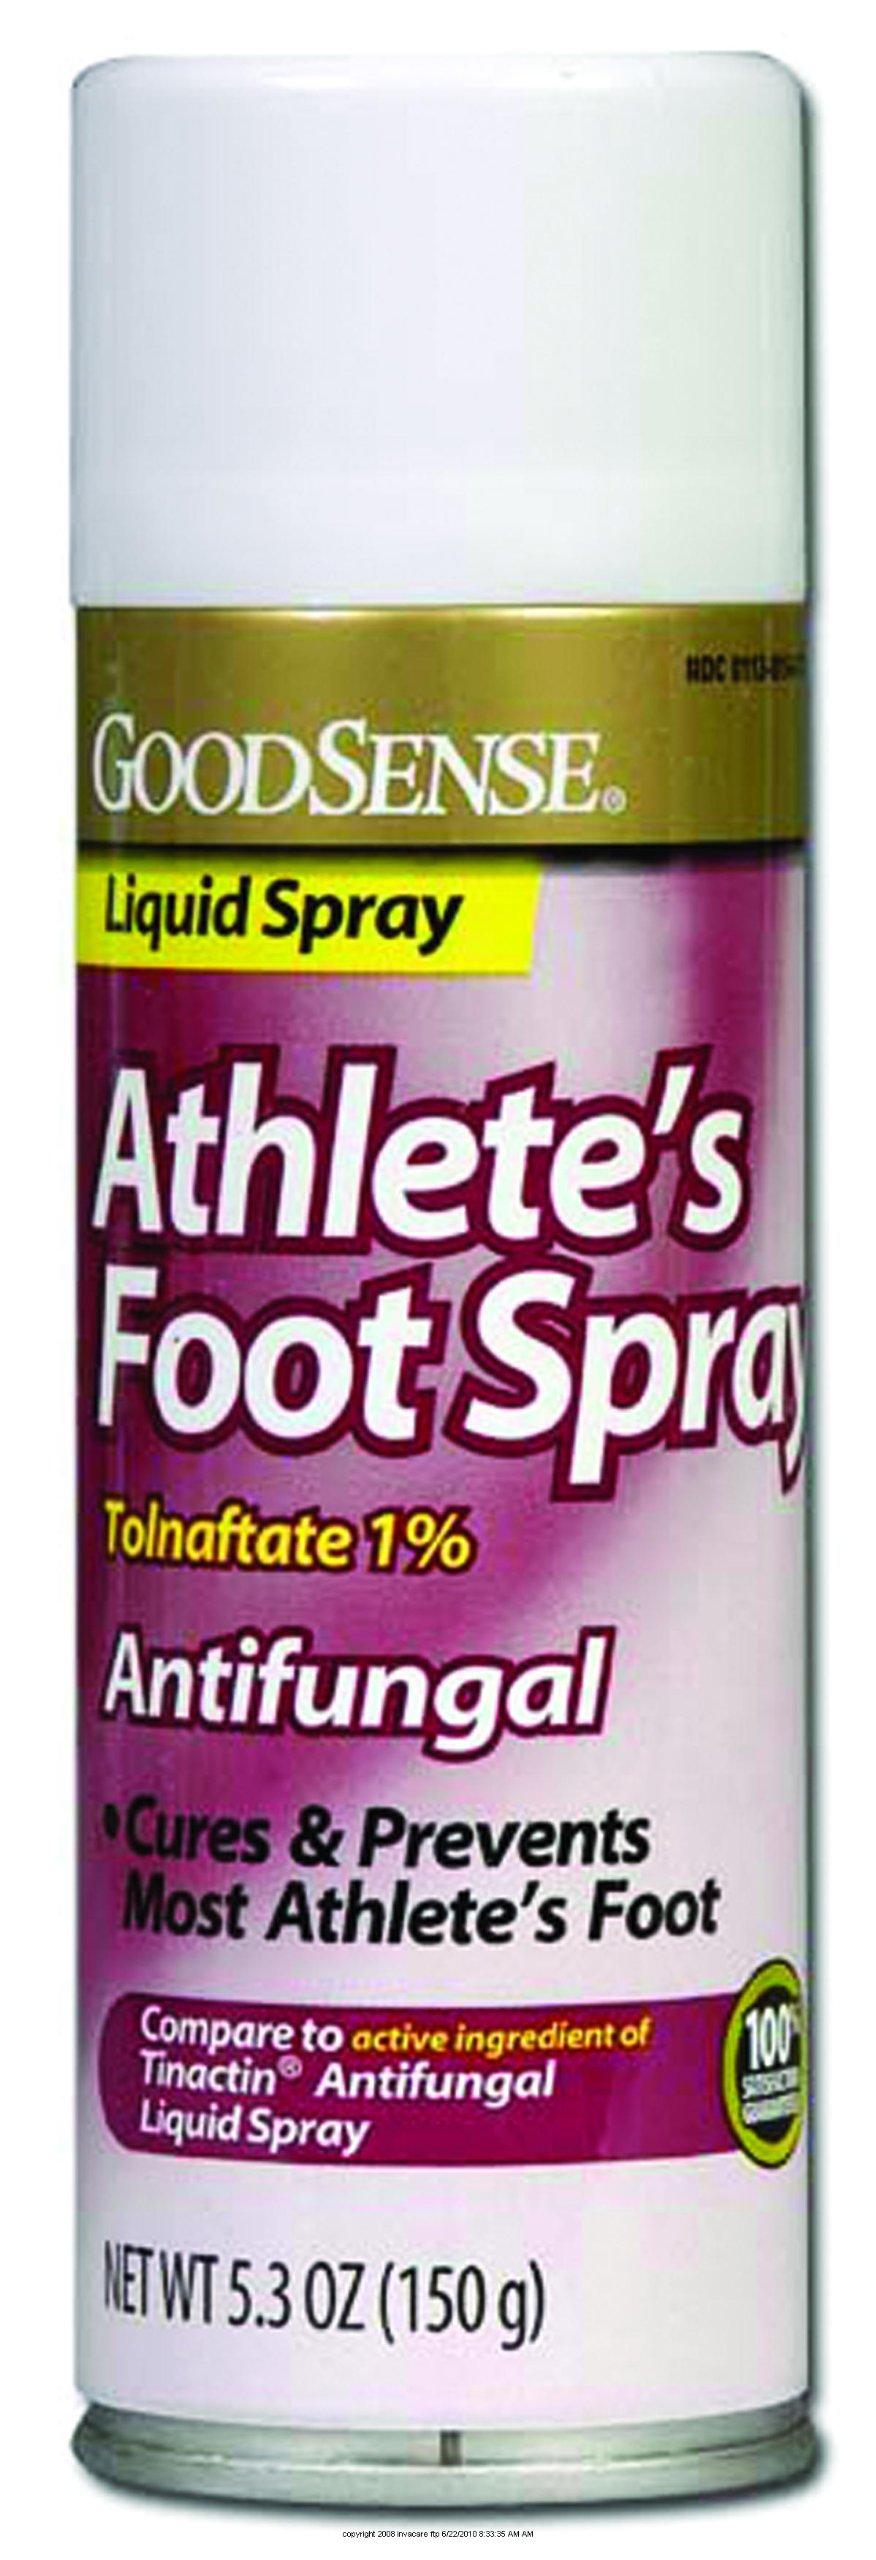 Athlete's Foot Spray, Athletes Foot Spry 5.3oz, (1 EACH, 1 EACH) by Geiss Destin &dunn Inc